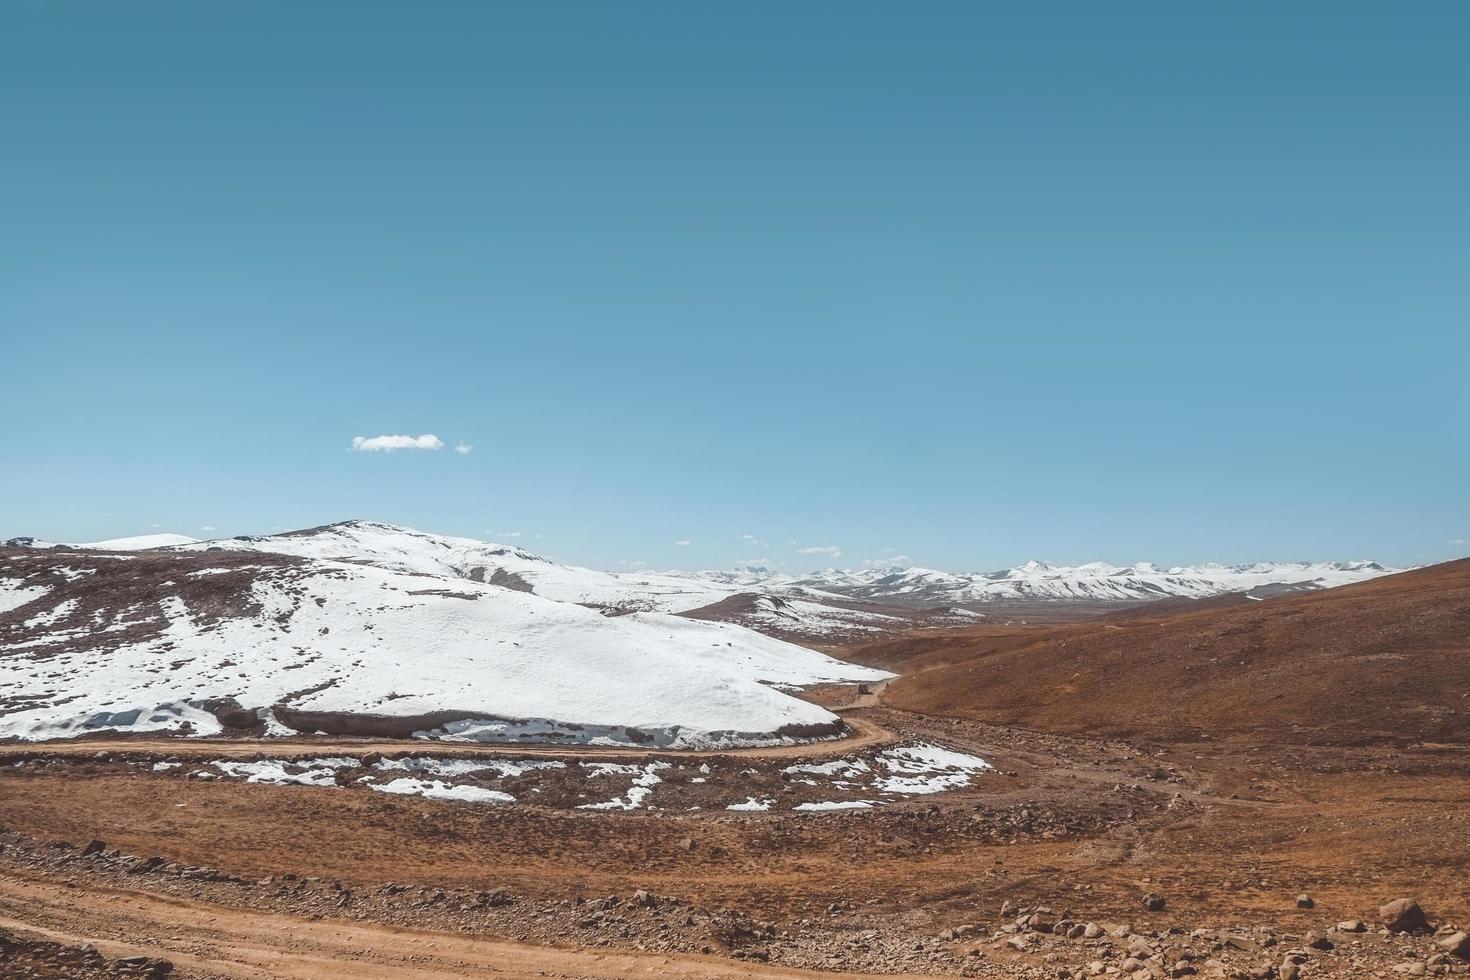 Chemin de terre dans la région montagneuse du désert contre un ciel clair photo